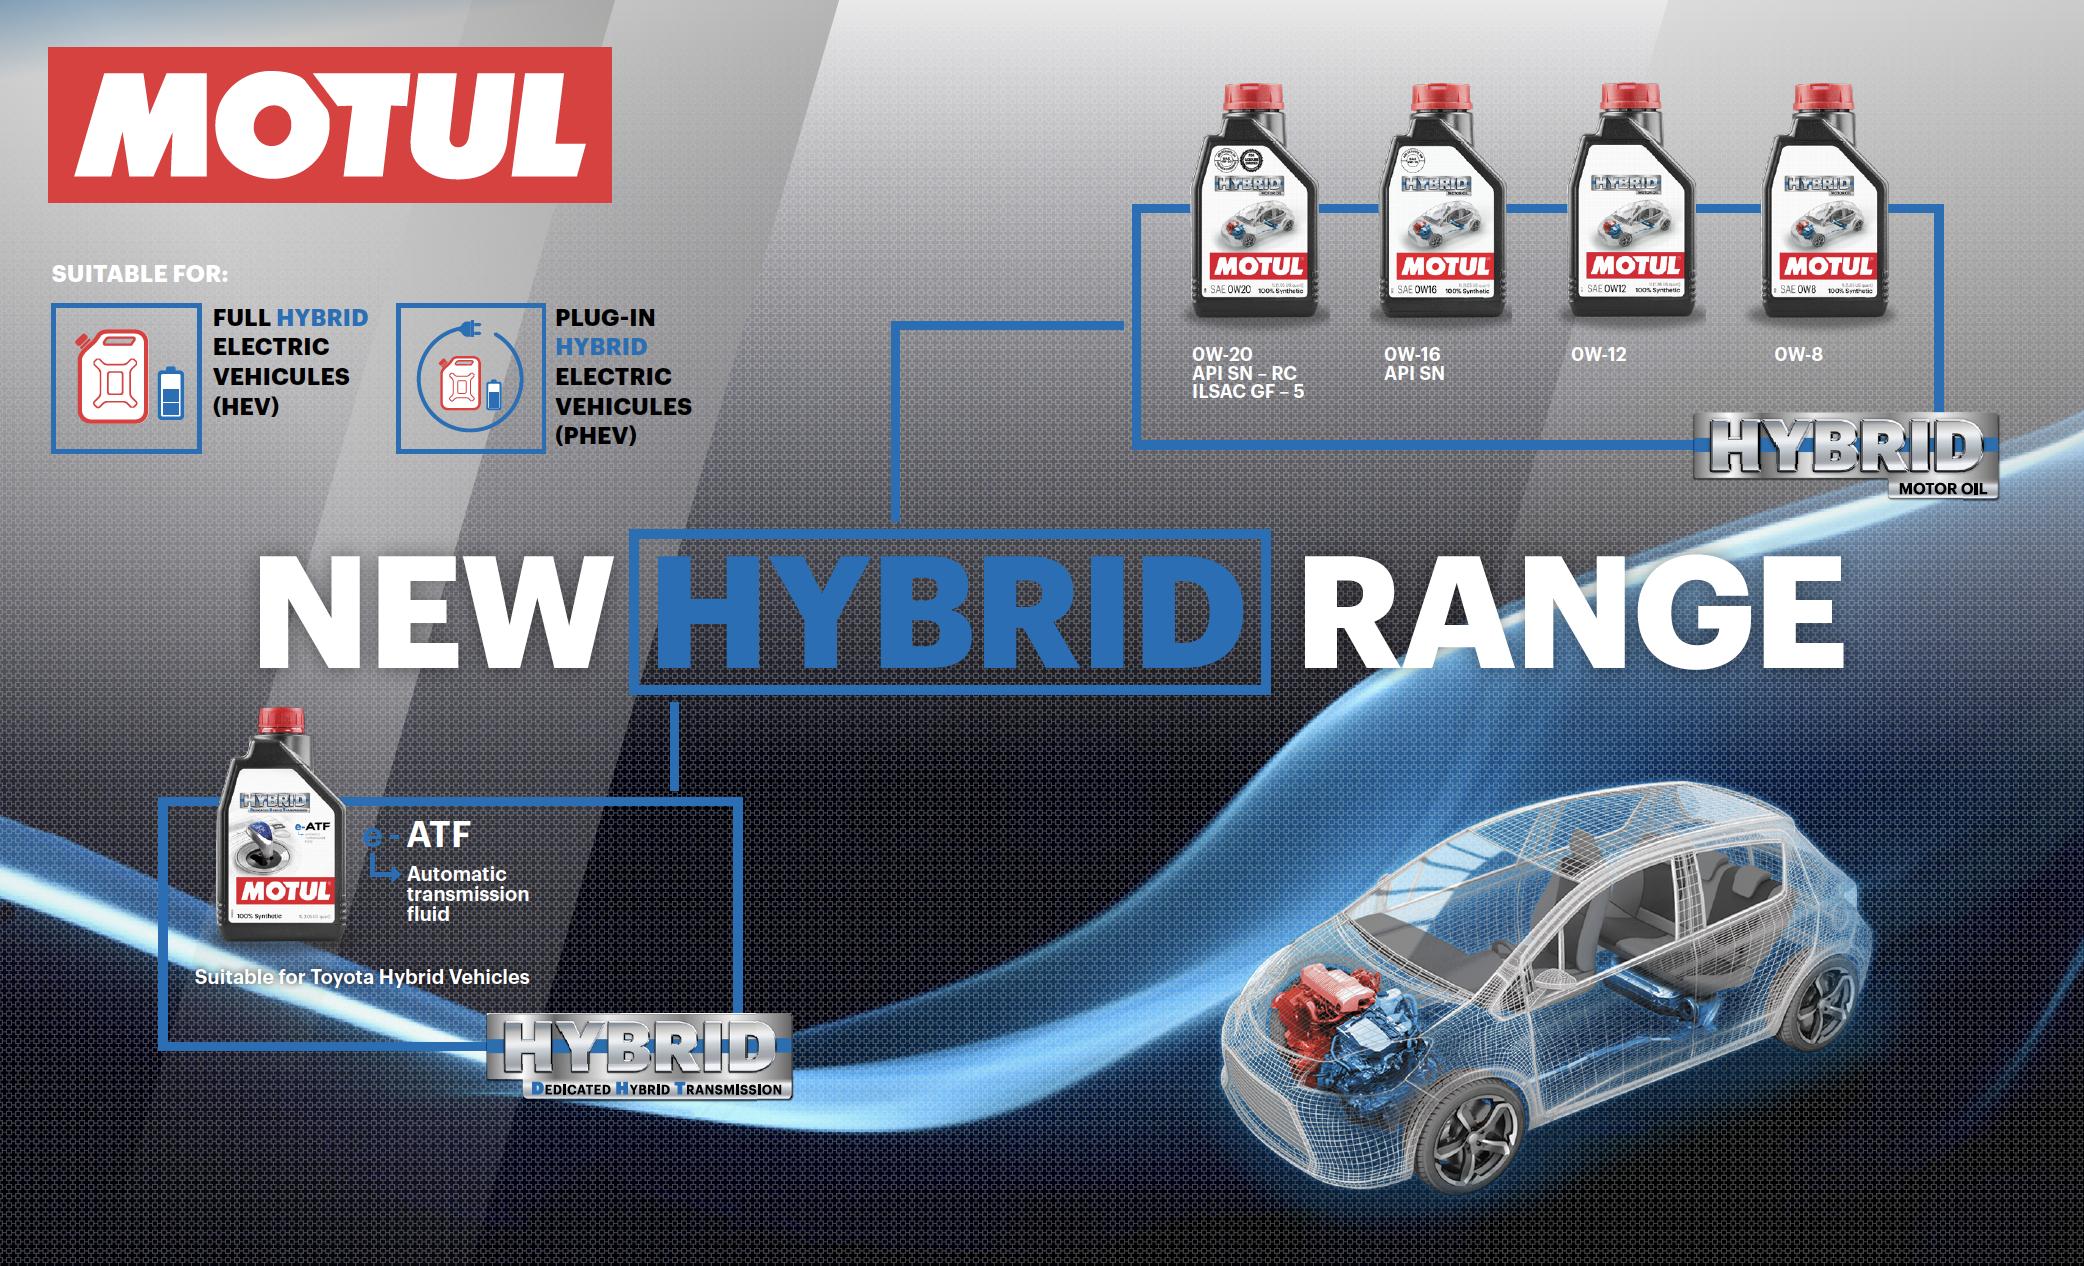 Підвищуємо передачу з новим продуктом серії Hybrid.